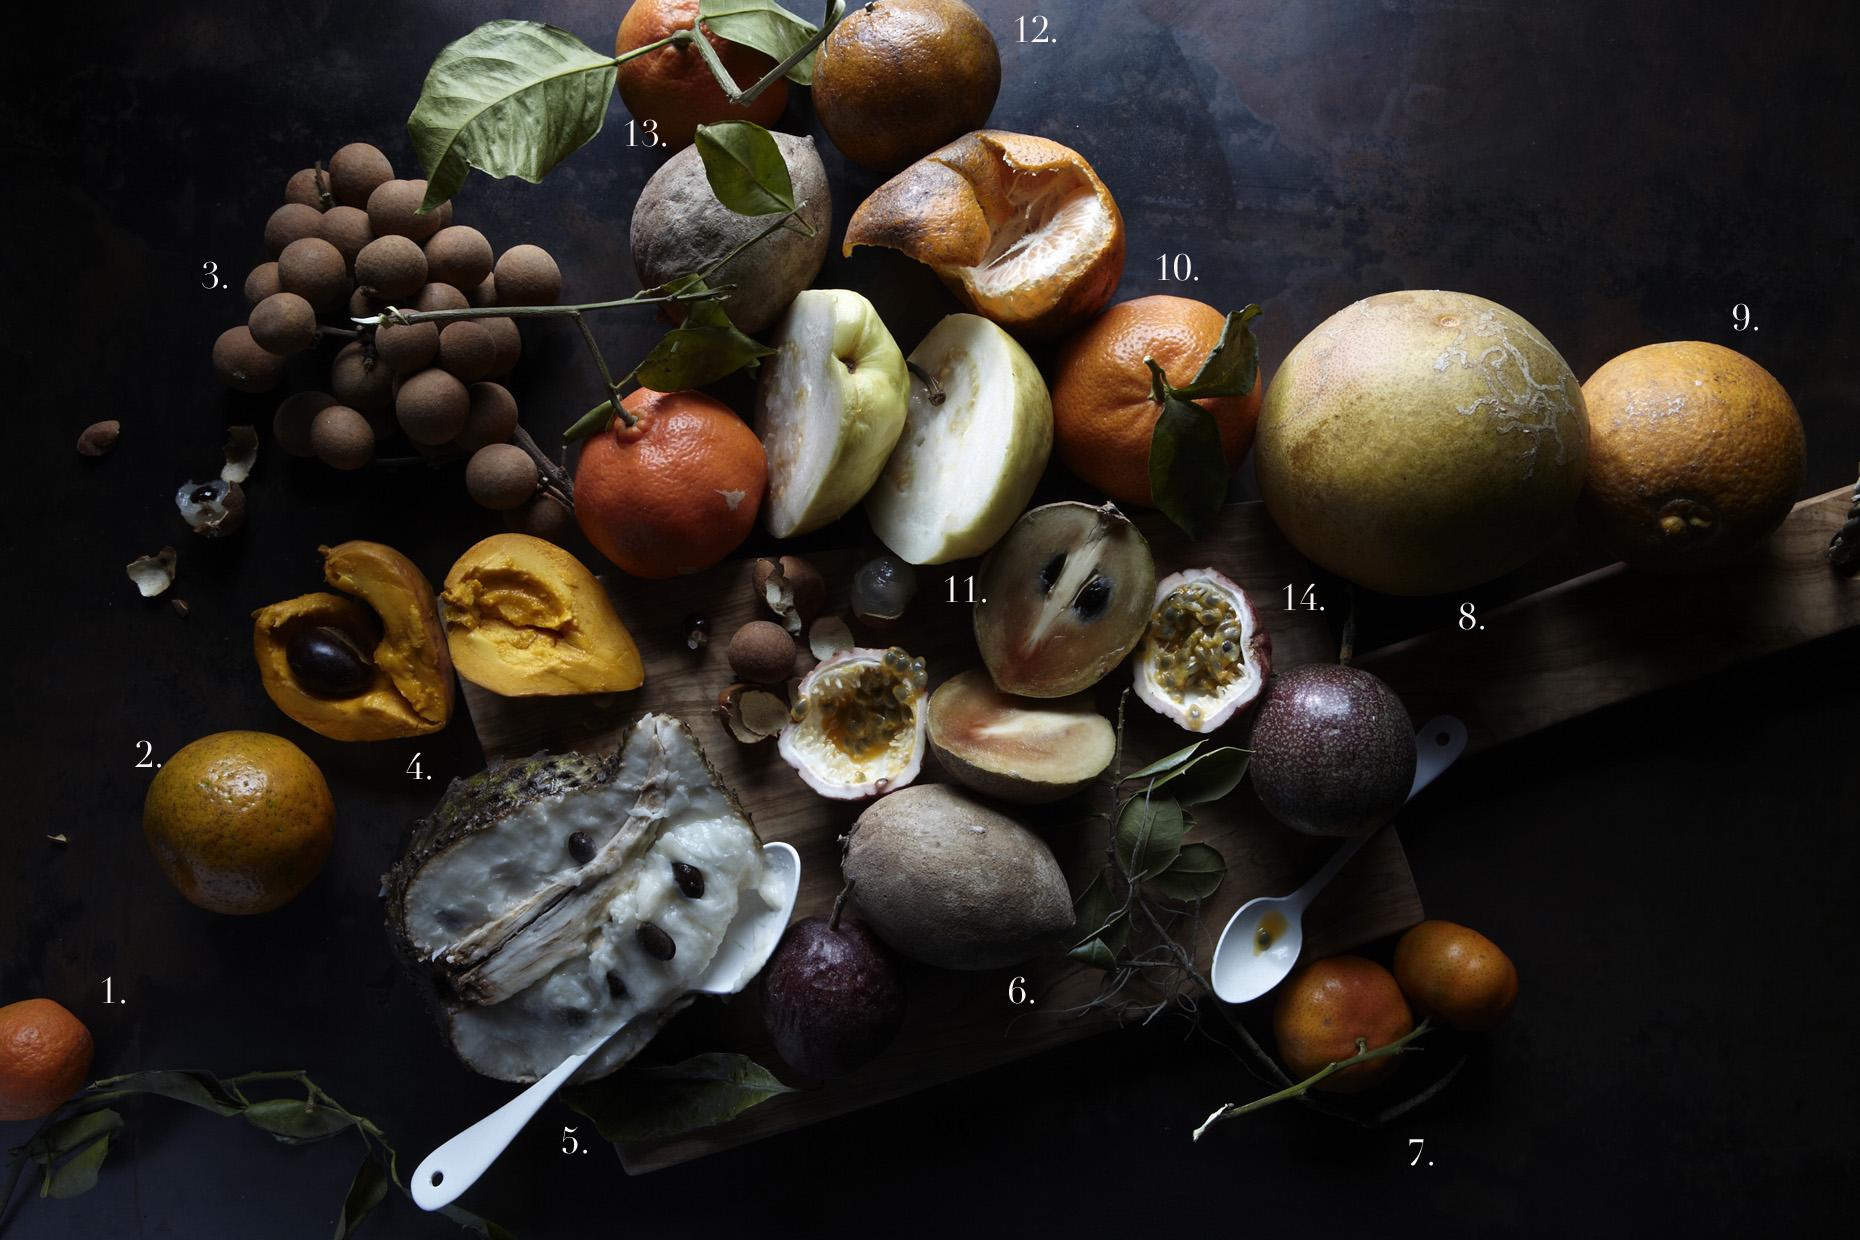 1. Satsuma  2. Chinese Honey  3. Longans  4. Canestel (Egg fruit)  5. Guanabana (Sour Sop)  6. Sapodilla (chocolate fruit)  7. Kejaja Wild  8.Ruby blush  9. Newhall Navel (a red fruited orange)  10. orlando tangelo  11. lemon guava  12. chinese honey  13. murcott honey  14. passion fruit